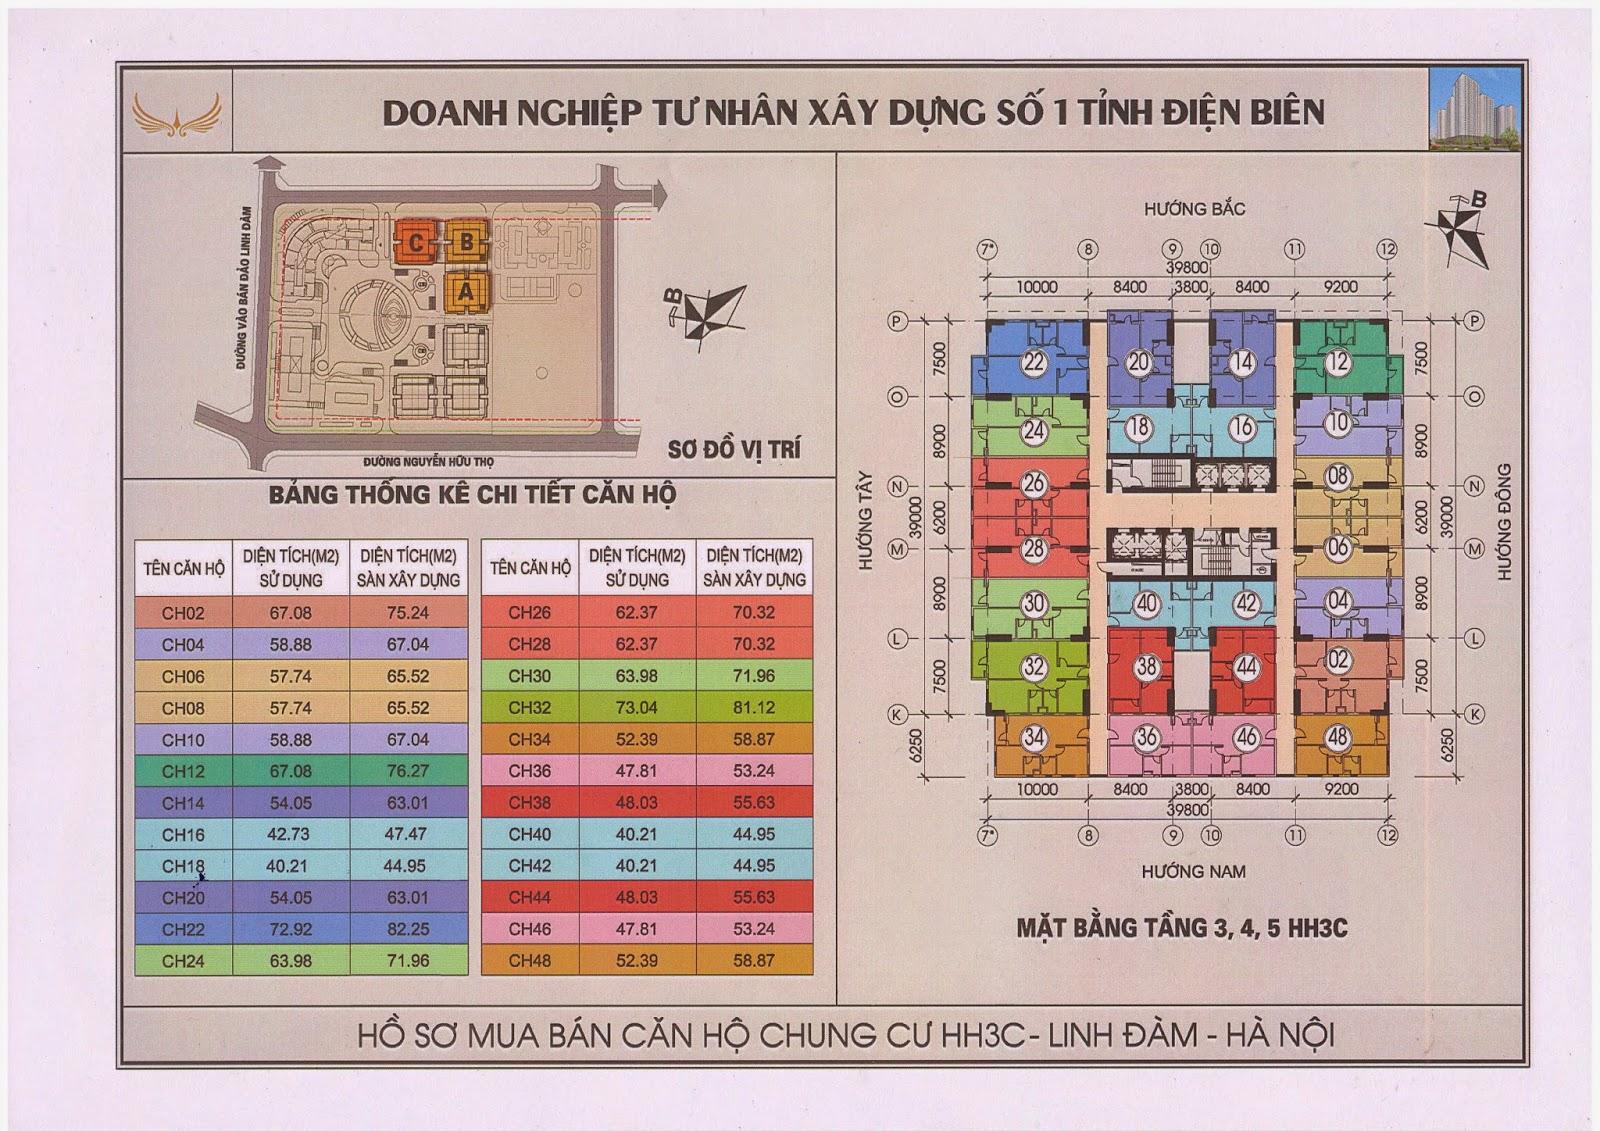 Mặt bằng tầng 3-4-5 chung cư hh3c linh đàm